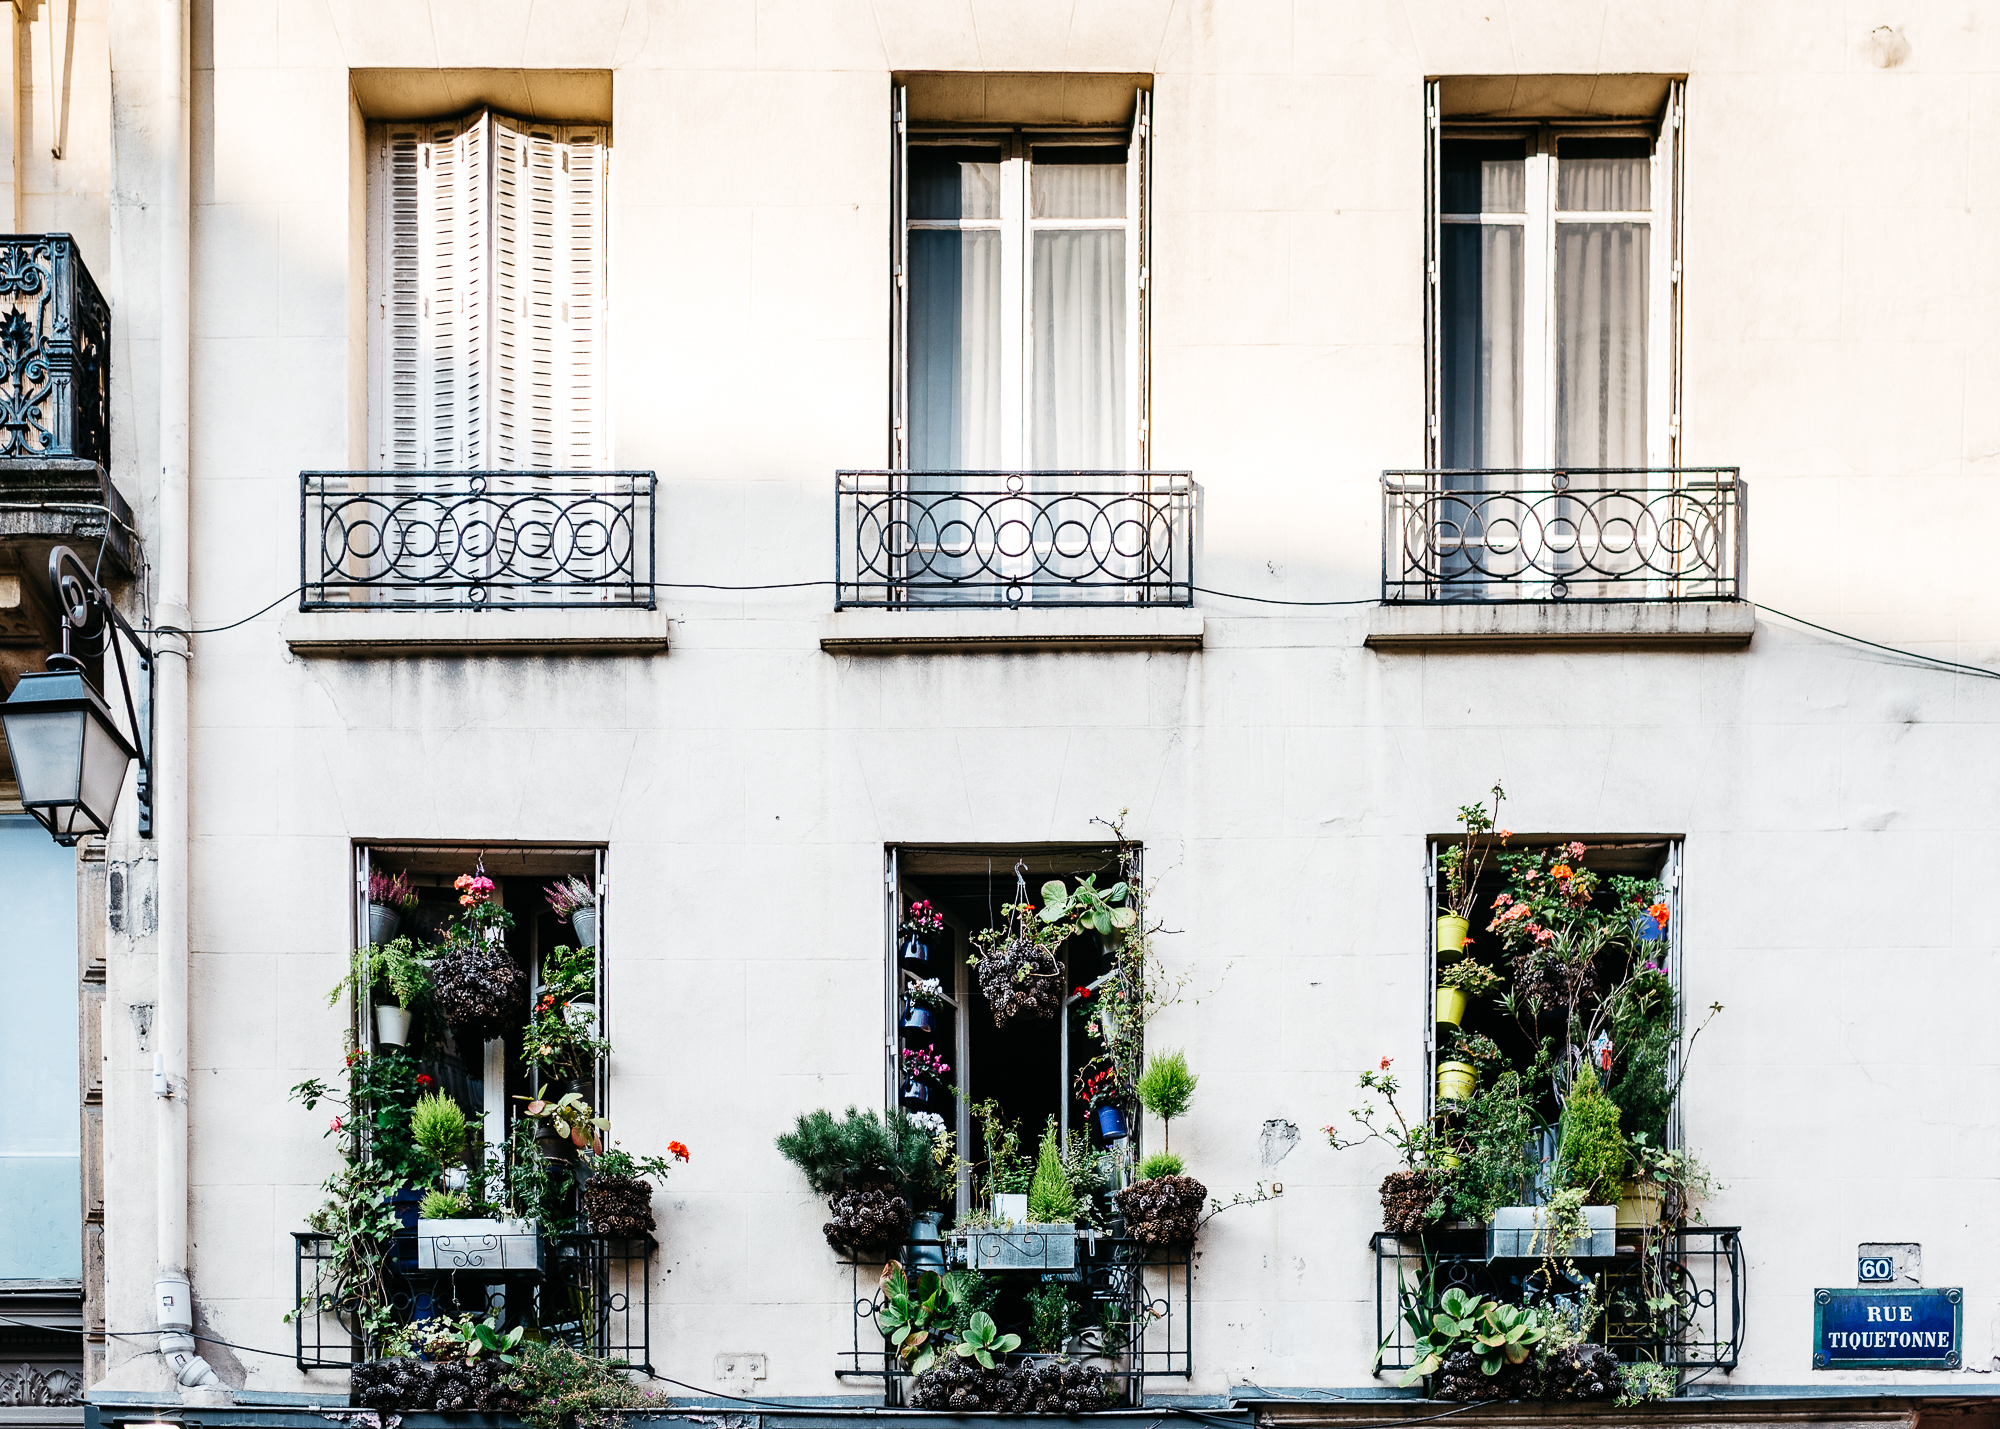 Apartments on Rue Tiquetonne